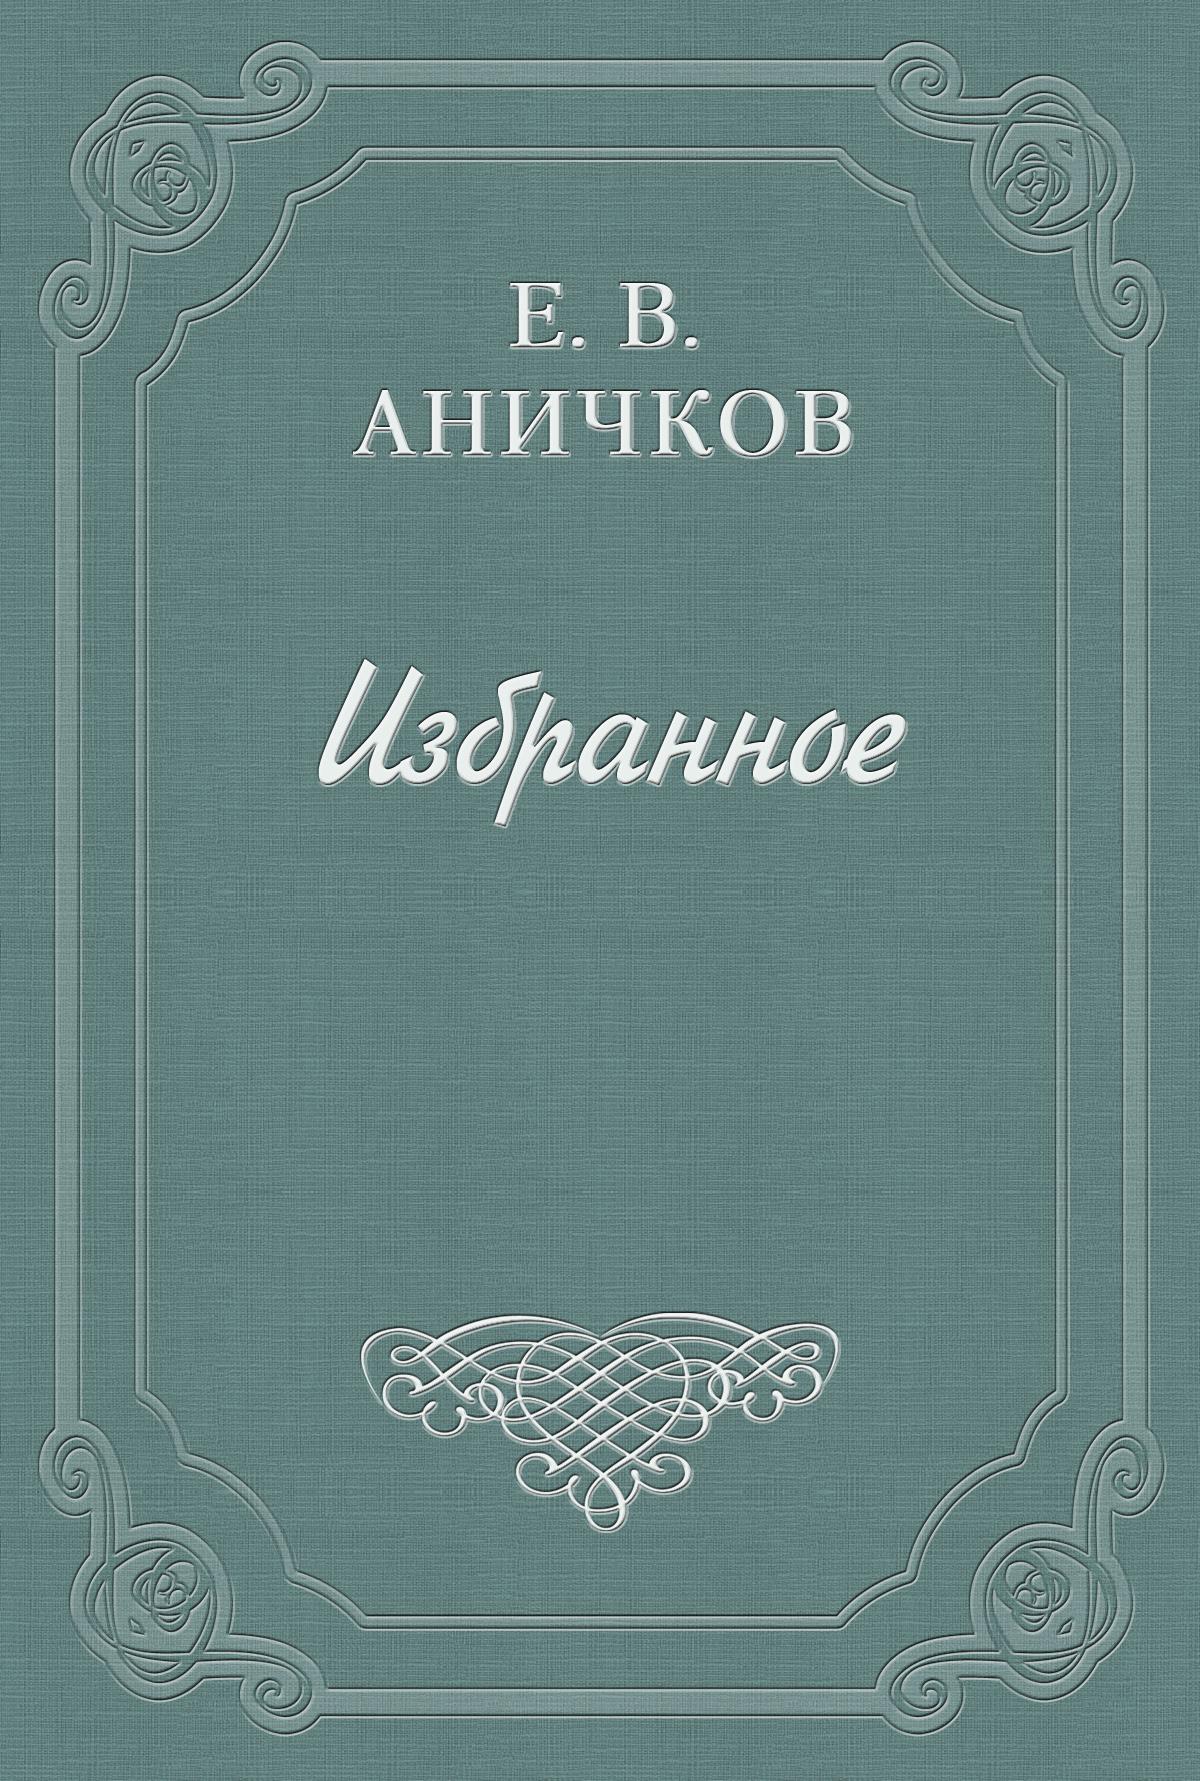 Евгений Аничков Предисловие к комедии «Много шуму из ничего» шекспир у много шума из ничего комедия